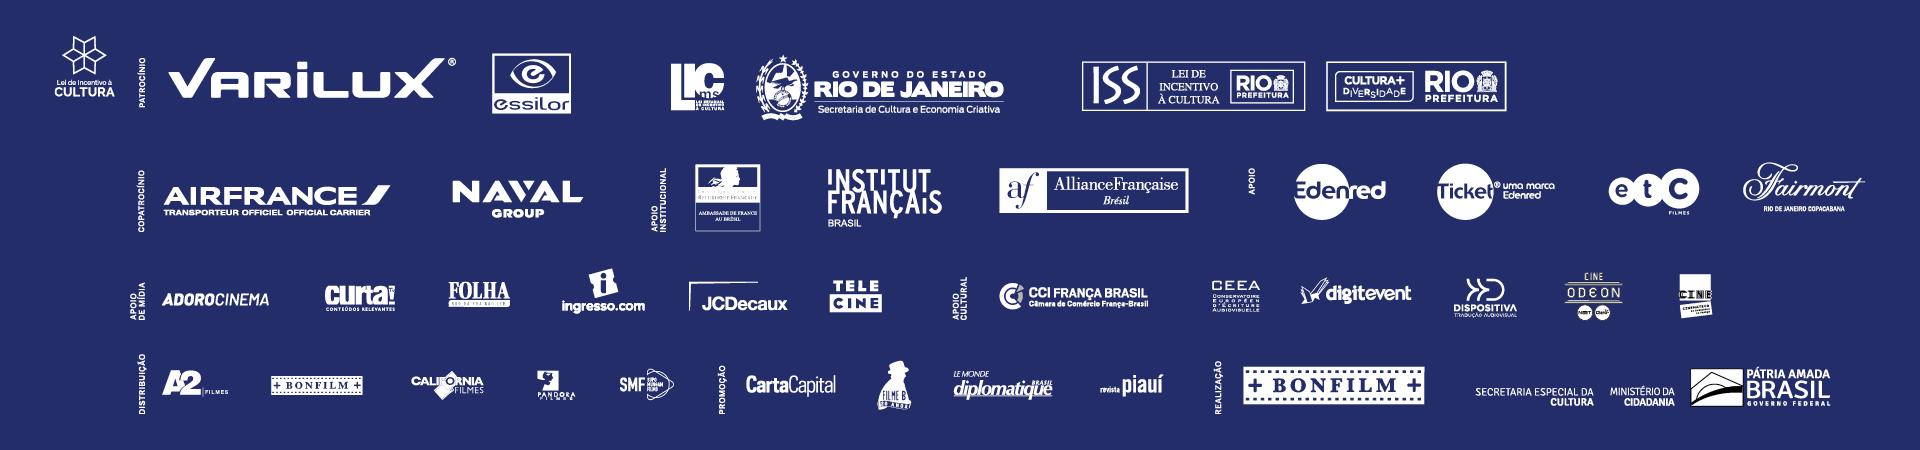 Patrocinadores, copatrocínios, apoios institucionais, de mídia e culturais, distribuição, promoção, realização